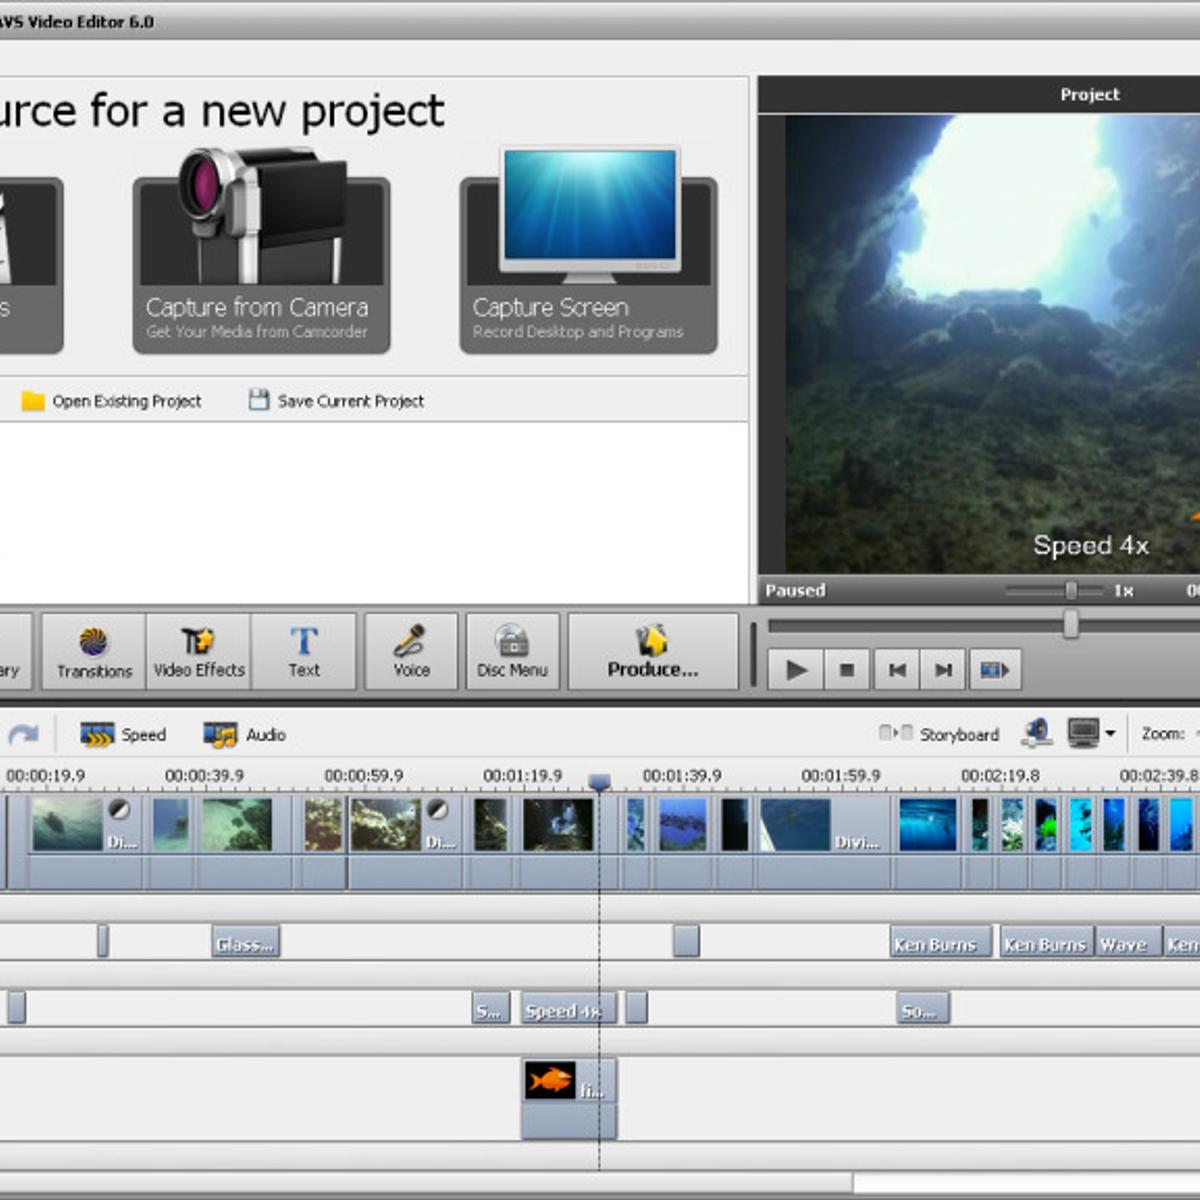 AVS Video Editor Alternatives and Similar Software